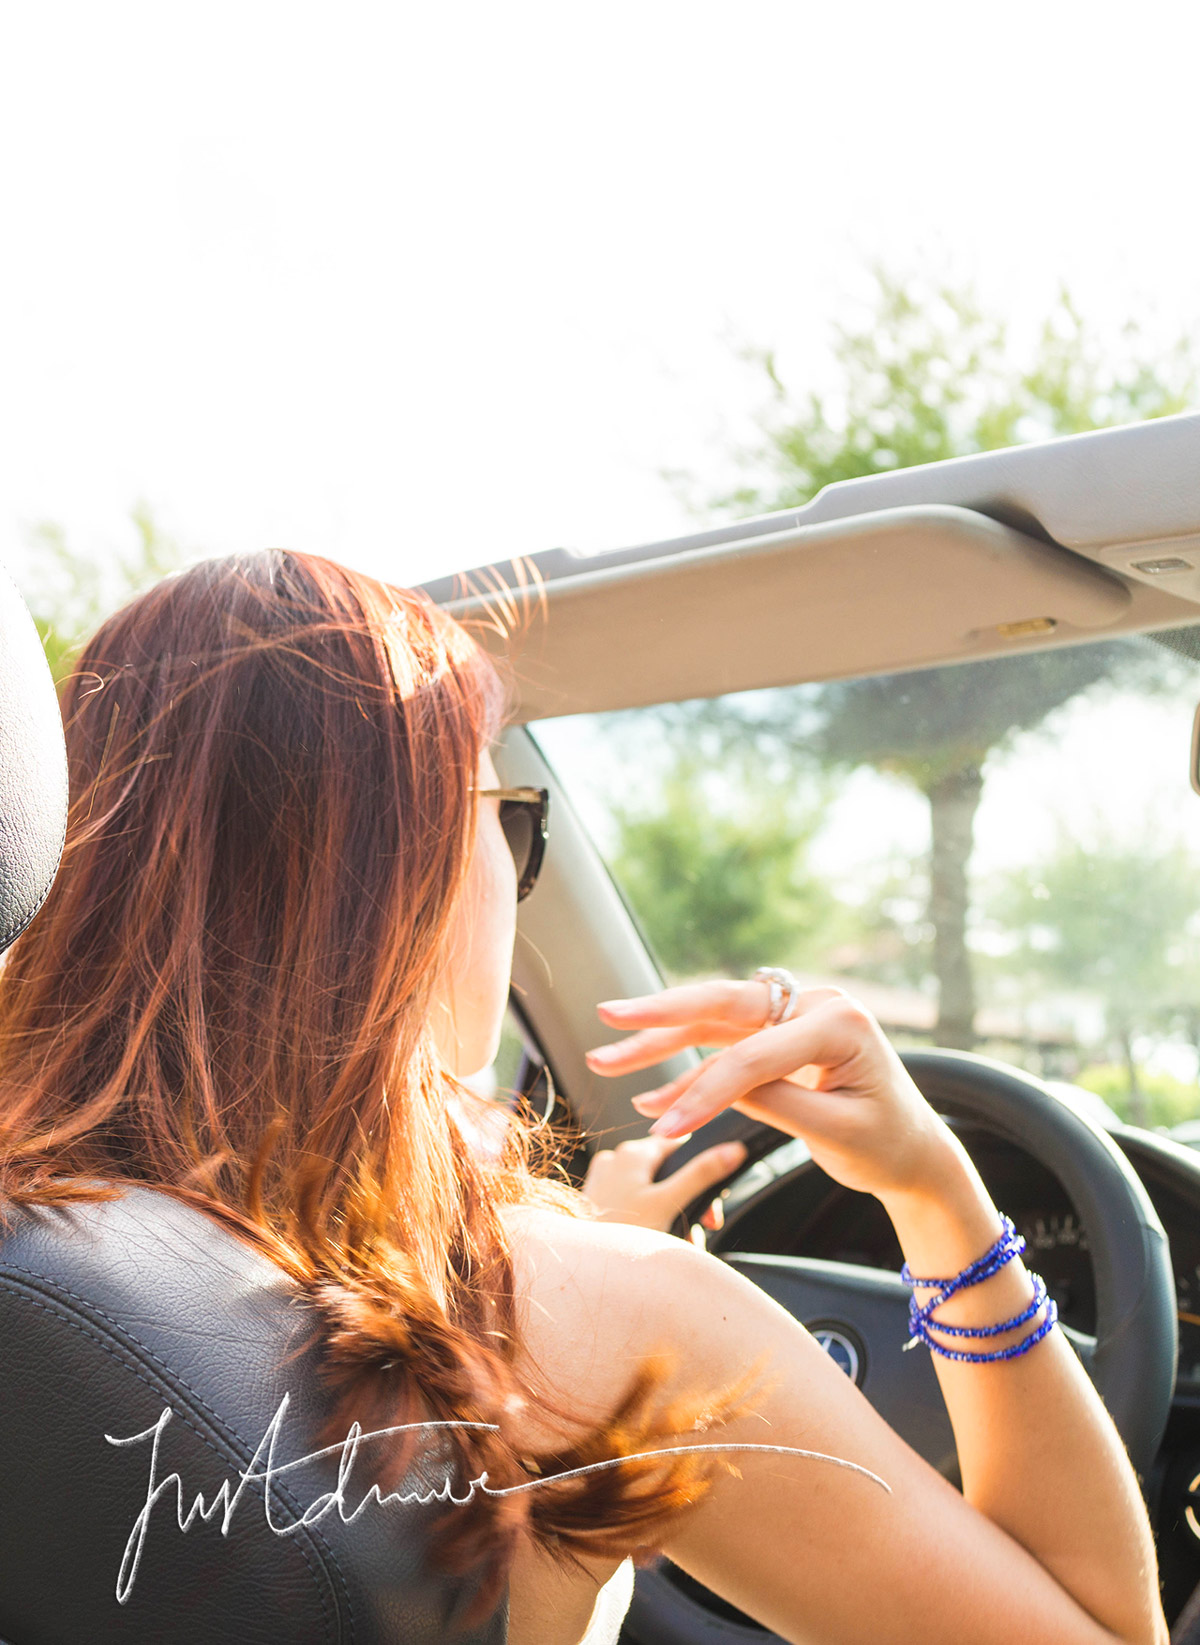 Just Drive - Mercedes SLK / Summer